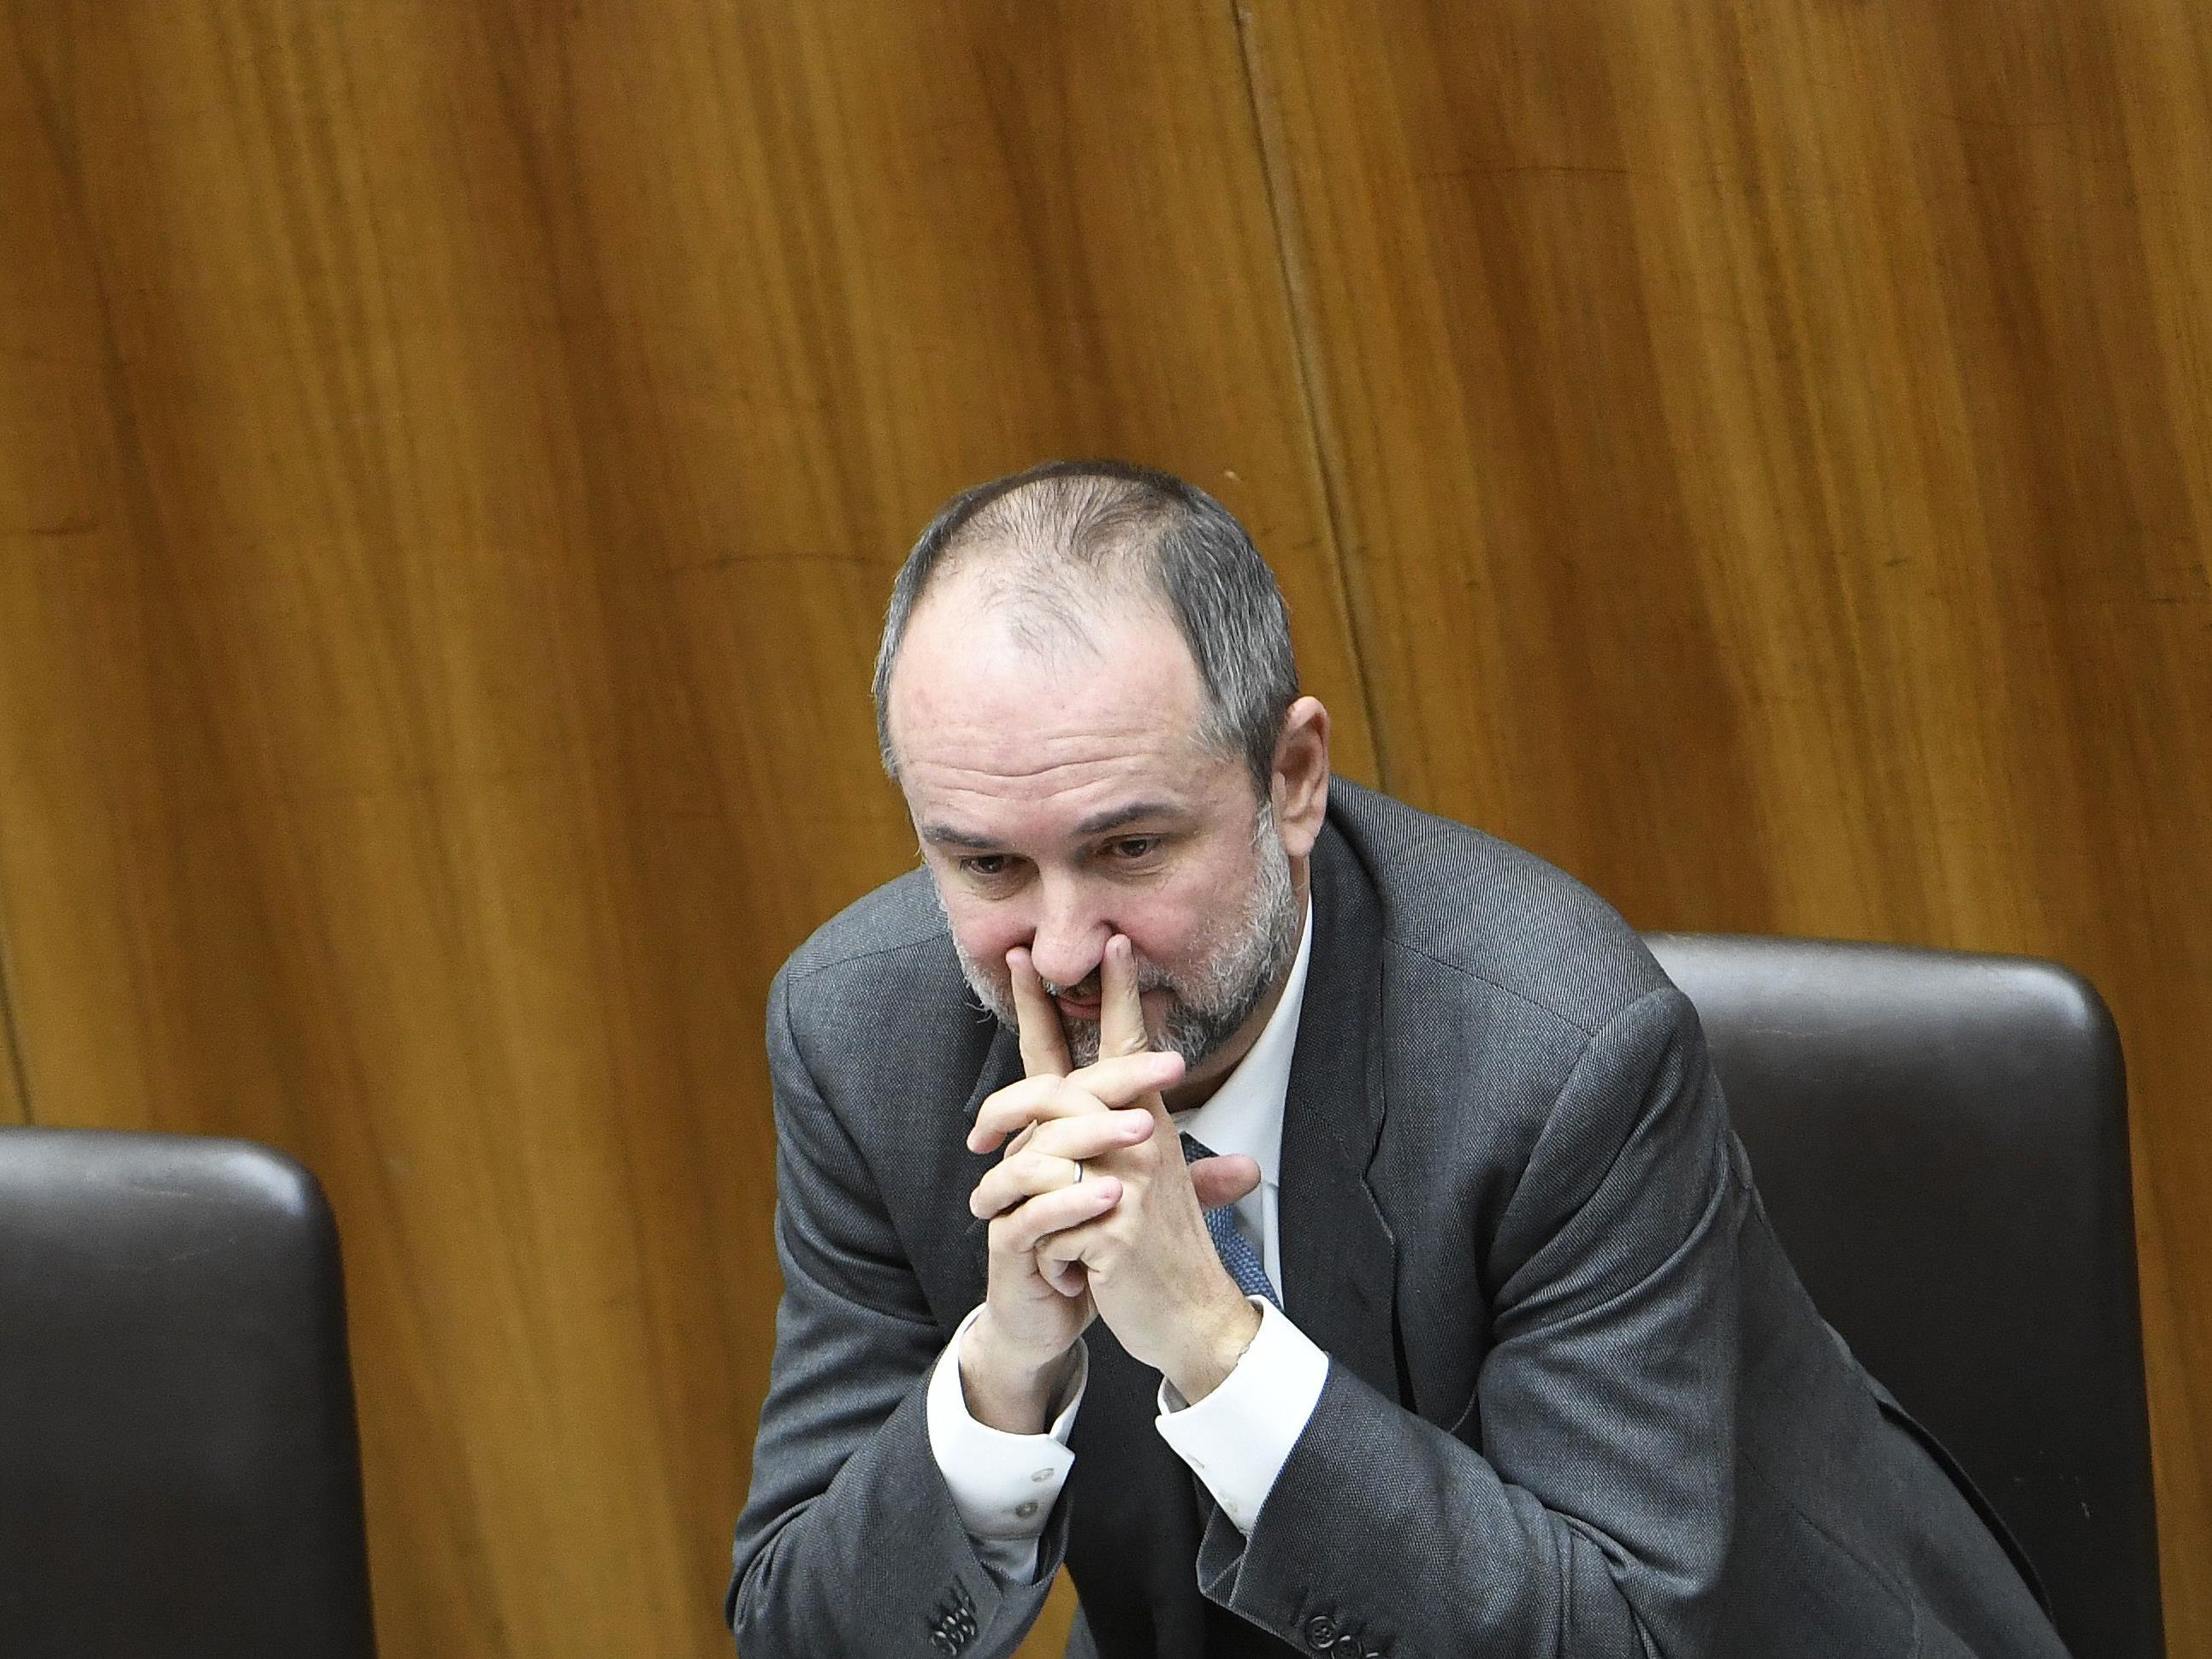 Kanzleramtsminister Thomas Drozda möchte die rund 300.000 Haushalte ein weiteres Mal vor an sich fälliger Erhöhung bewahren